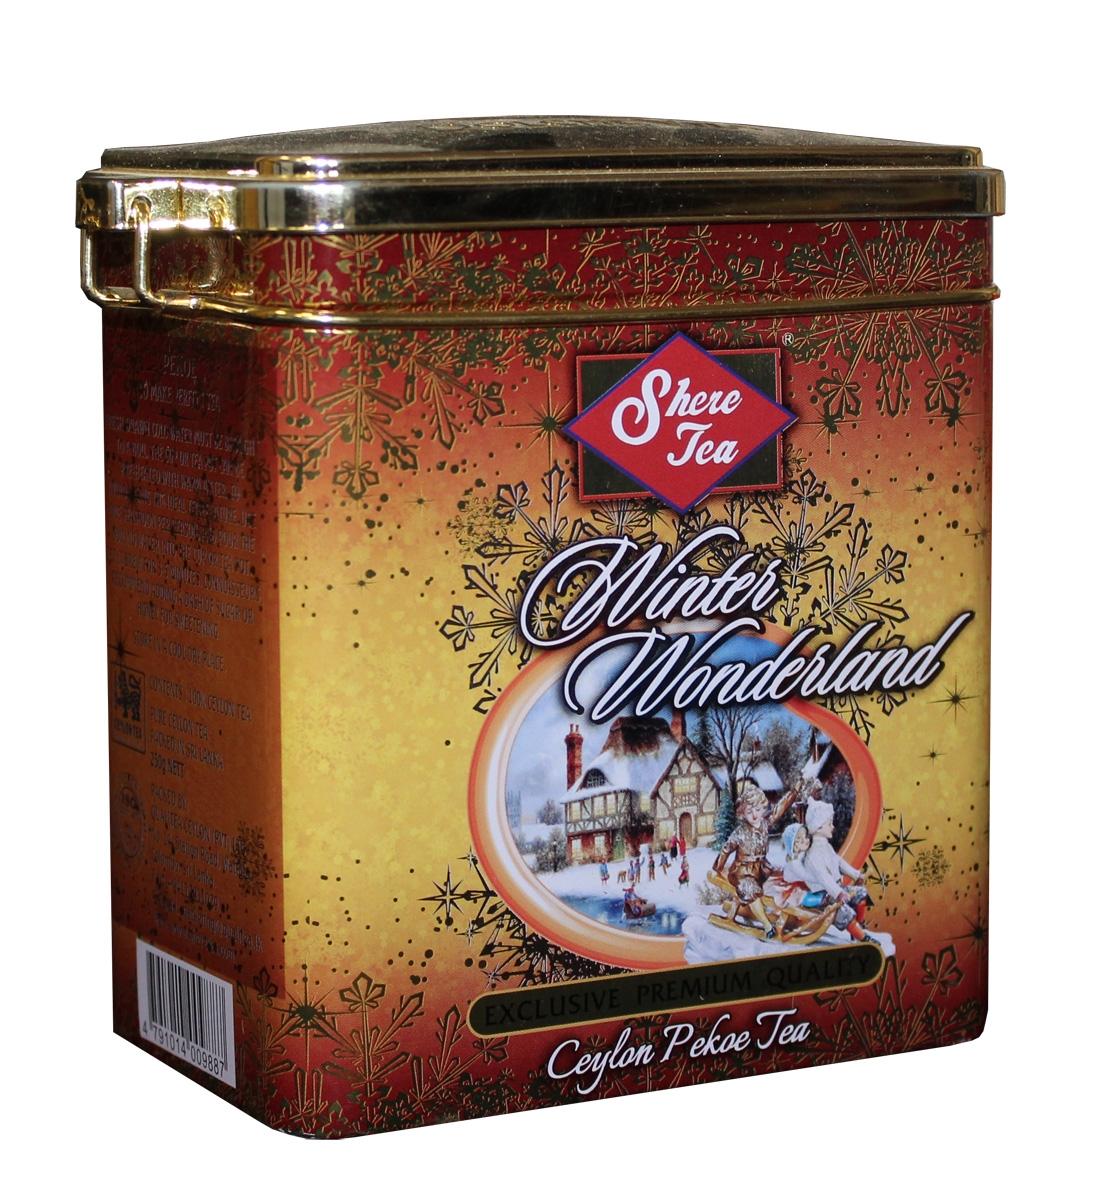 Shere Tea Подарочный Зимняя страна чудес чай черный листовой, 250 г4791014009887Чай Шери Подарочная коллекция, Зимнее страна чудес. Производитель: Кволити Цейлон. Подарочная упаковка изготовлена из металла с элементами конгрева. Крышка снабжена клипсой. Стандарт: РЕКОЕ- крупный лист. Этот чай состоит из более коротких и более взрослых, чем OP листьев. В сбор идут, как правило, вторые от почки листья. Поэтому в этом чае меньше содержание кофеина, чем в ОР, но зато он имеет более выраженную горчинку во вкусе, что нравится многим любителям чая. Чем более взрослый лист, тем в нем больше танина и дубильных веществ, которые и дают эту самую горчинку. Чай имеет яркий, прозрачный, интенсивный, настой. Аромат чая полный, приятный, выражен достаточно ярко.